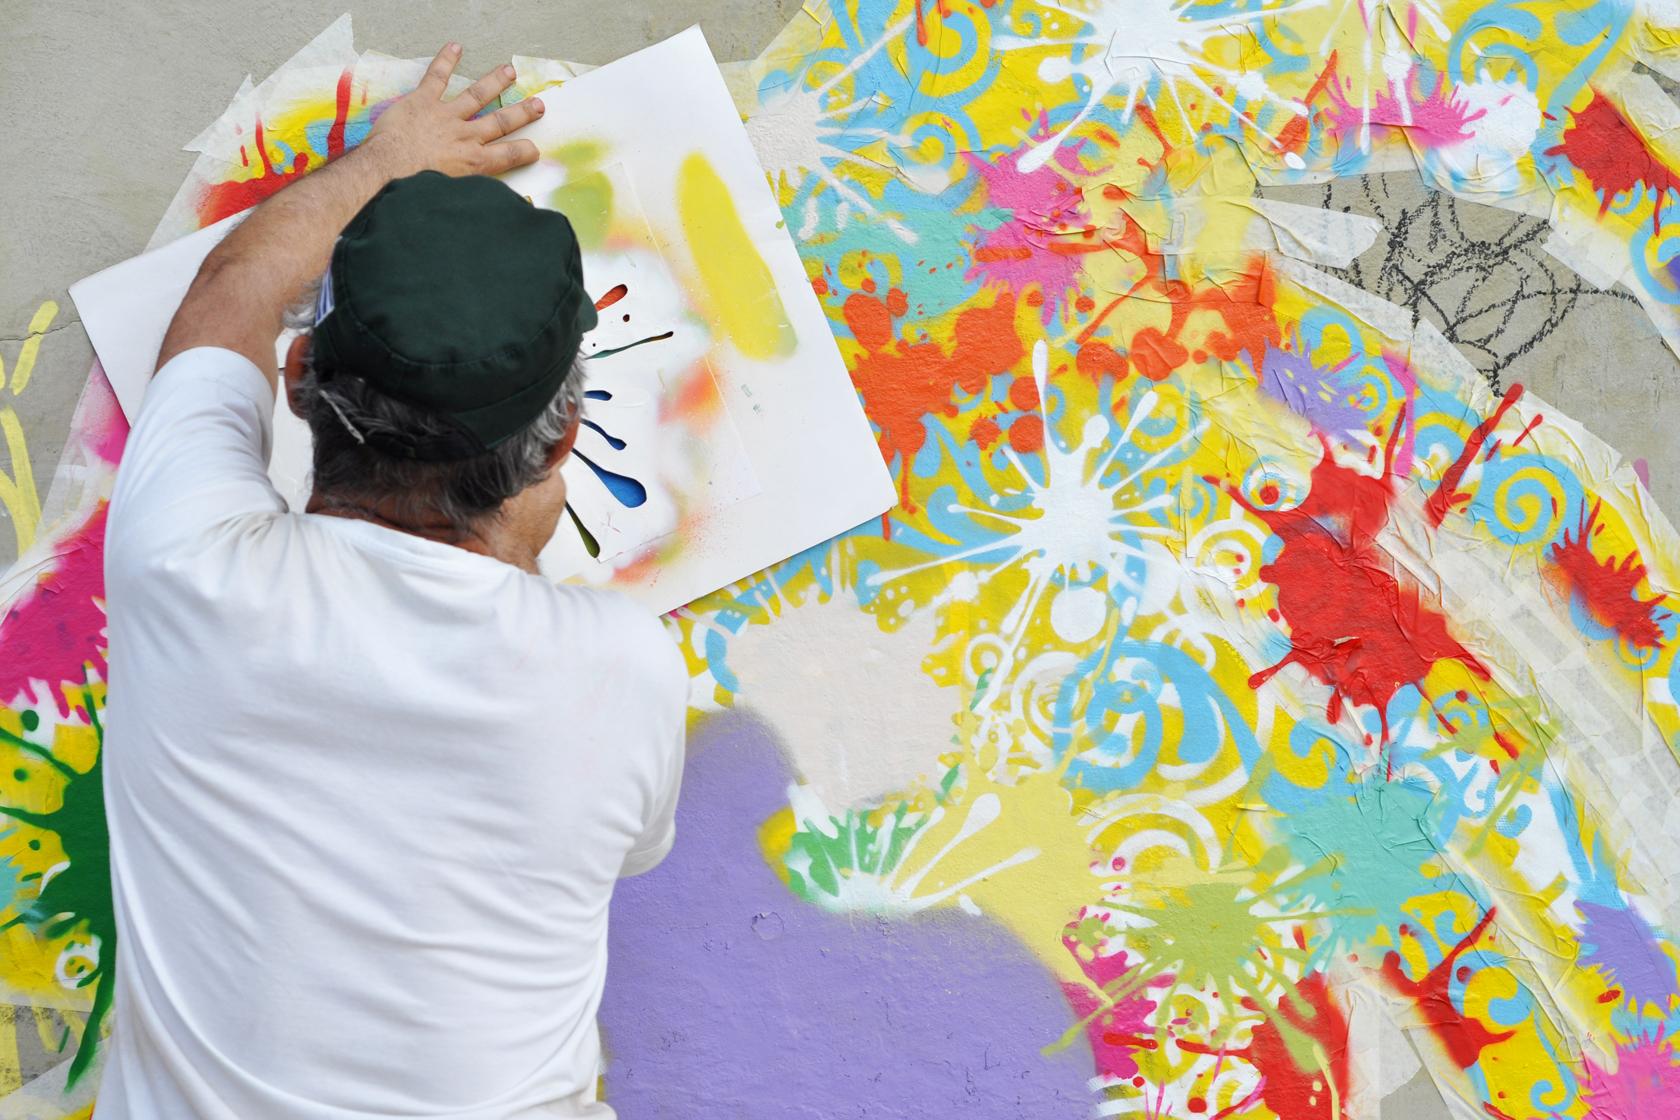 São Paulo foi tomada por uma exposição de grafite com mais de 90 pinturas na praça Roosevelt